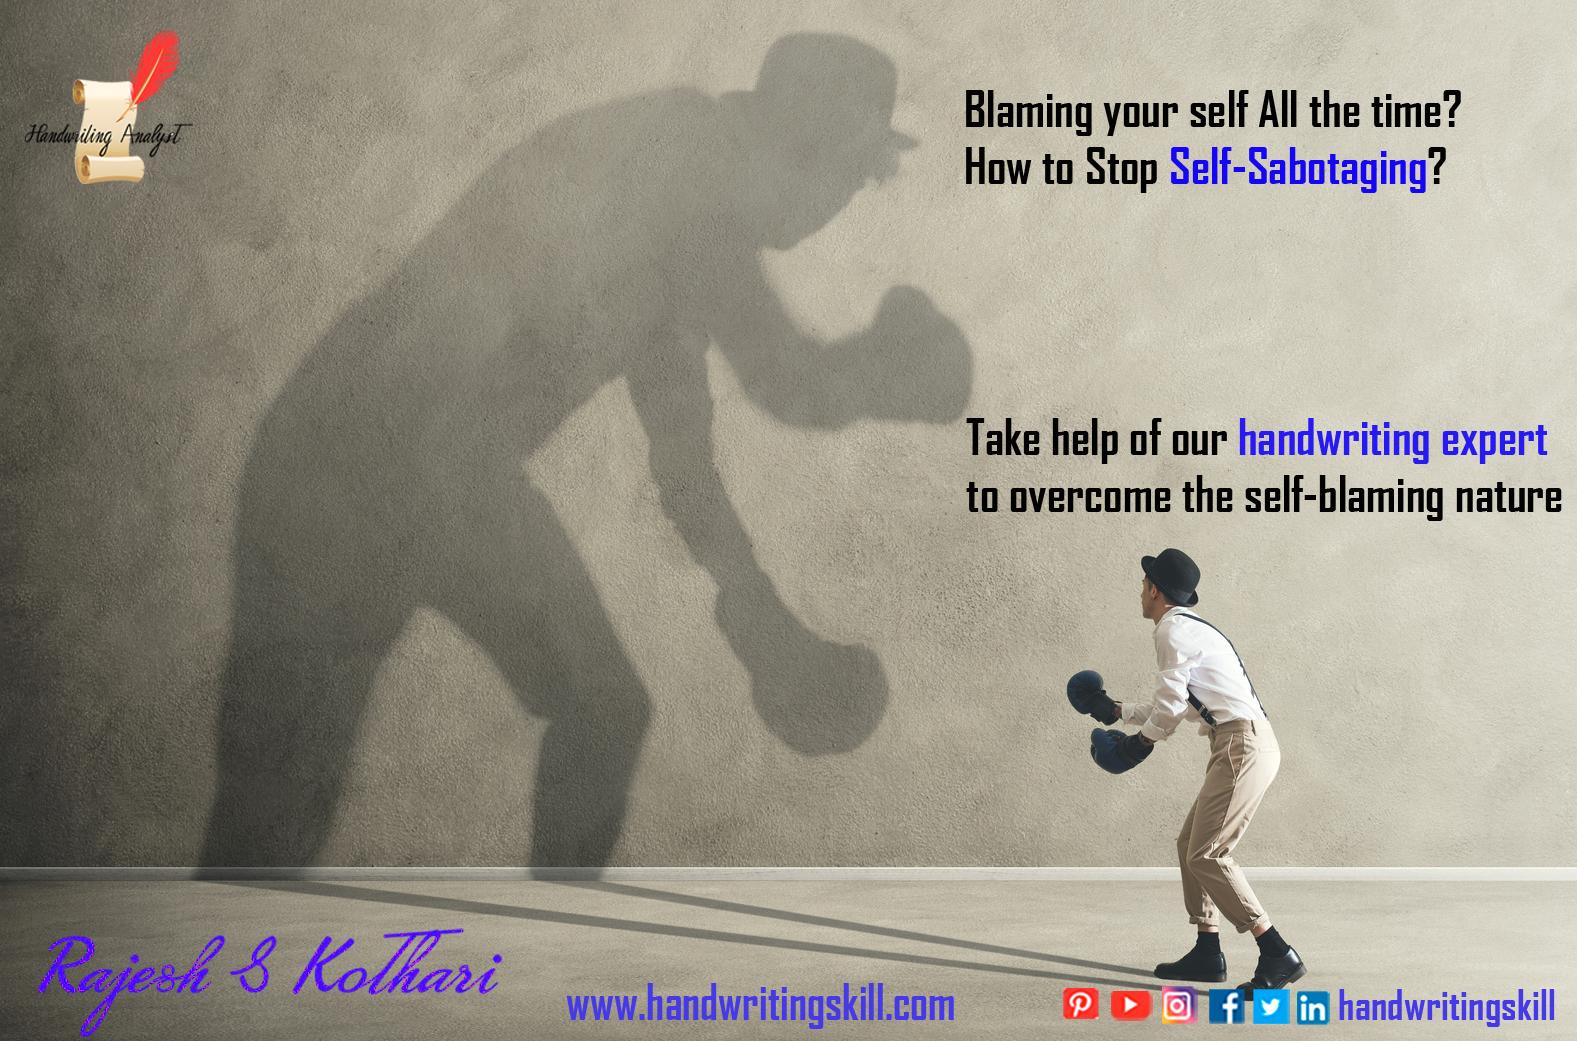 Self-Balming (Self-sabotaging)